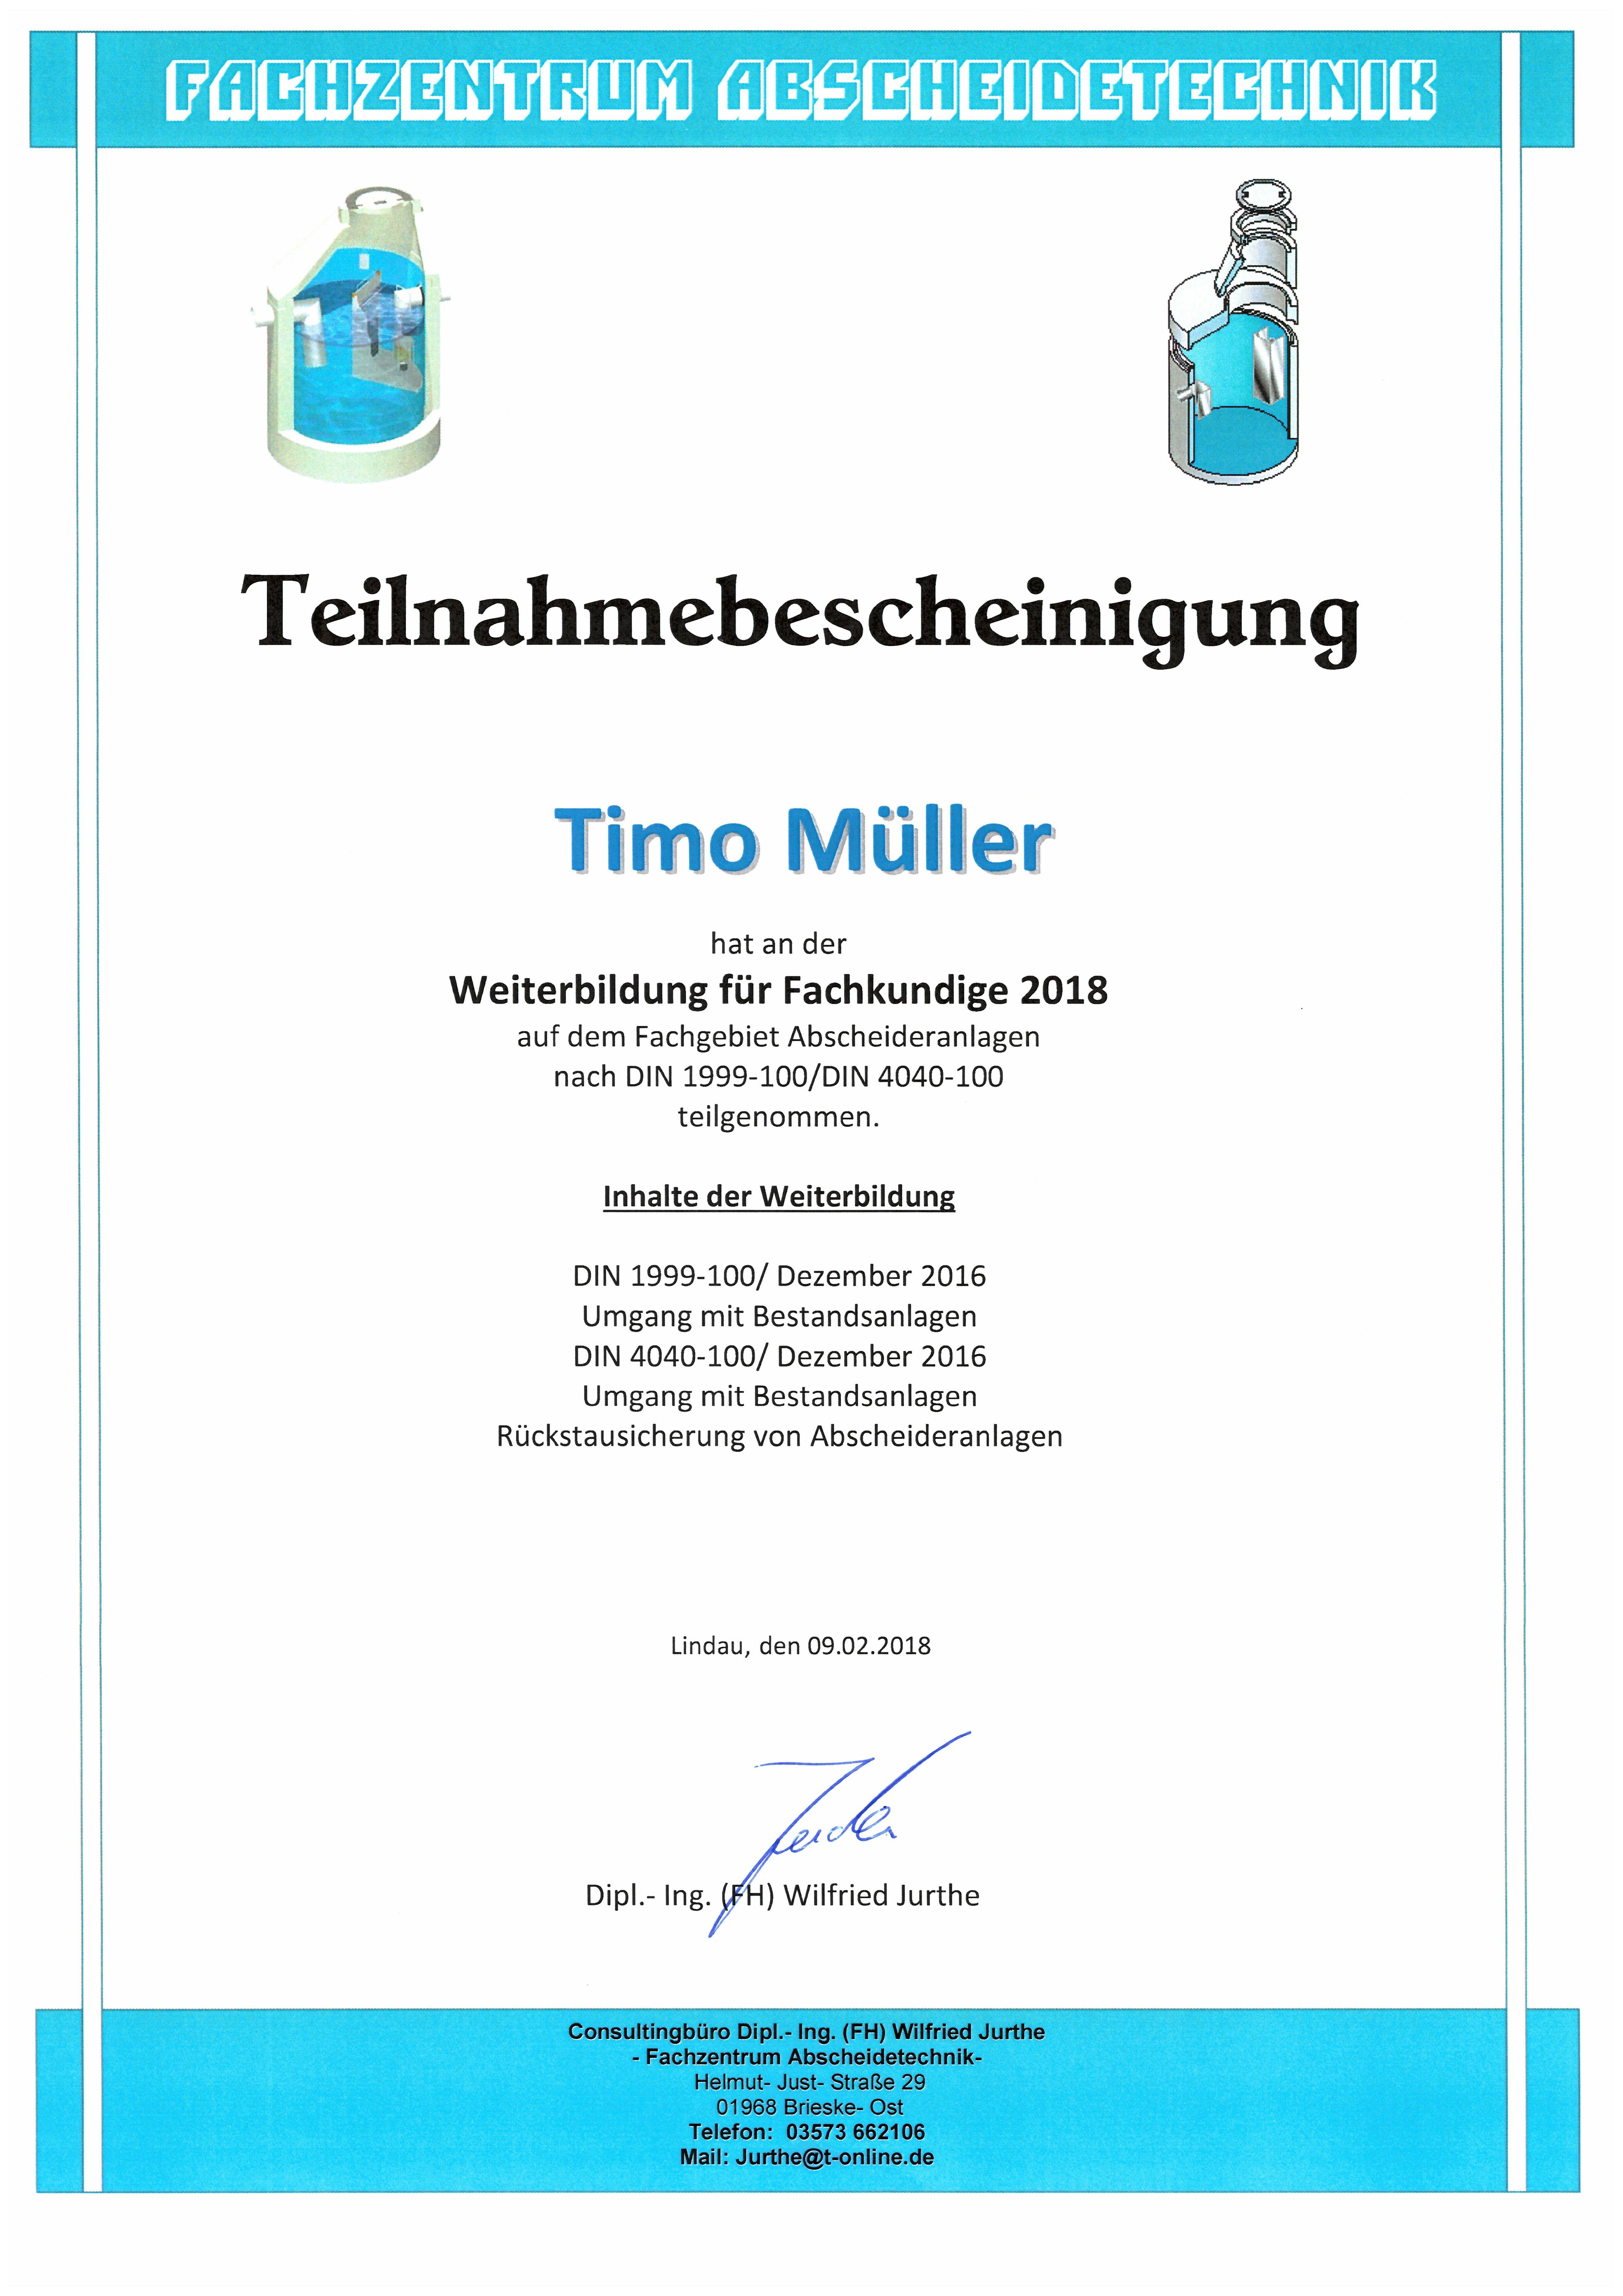 Weiterbildung Fachkunde Abscheideranlagen - T.Müller